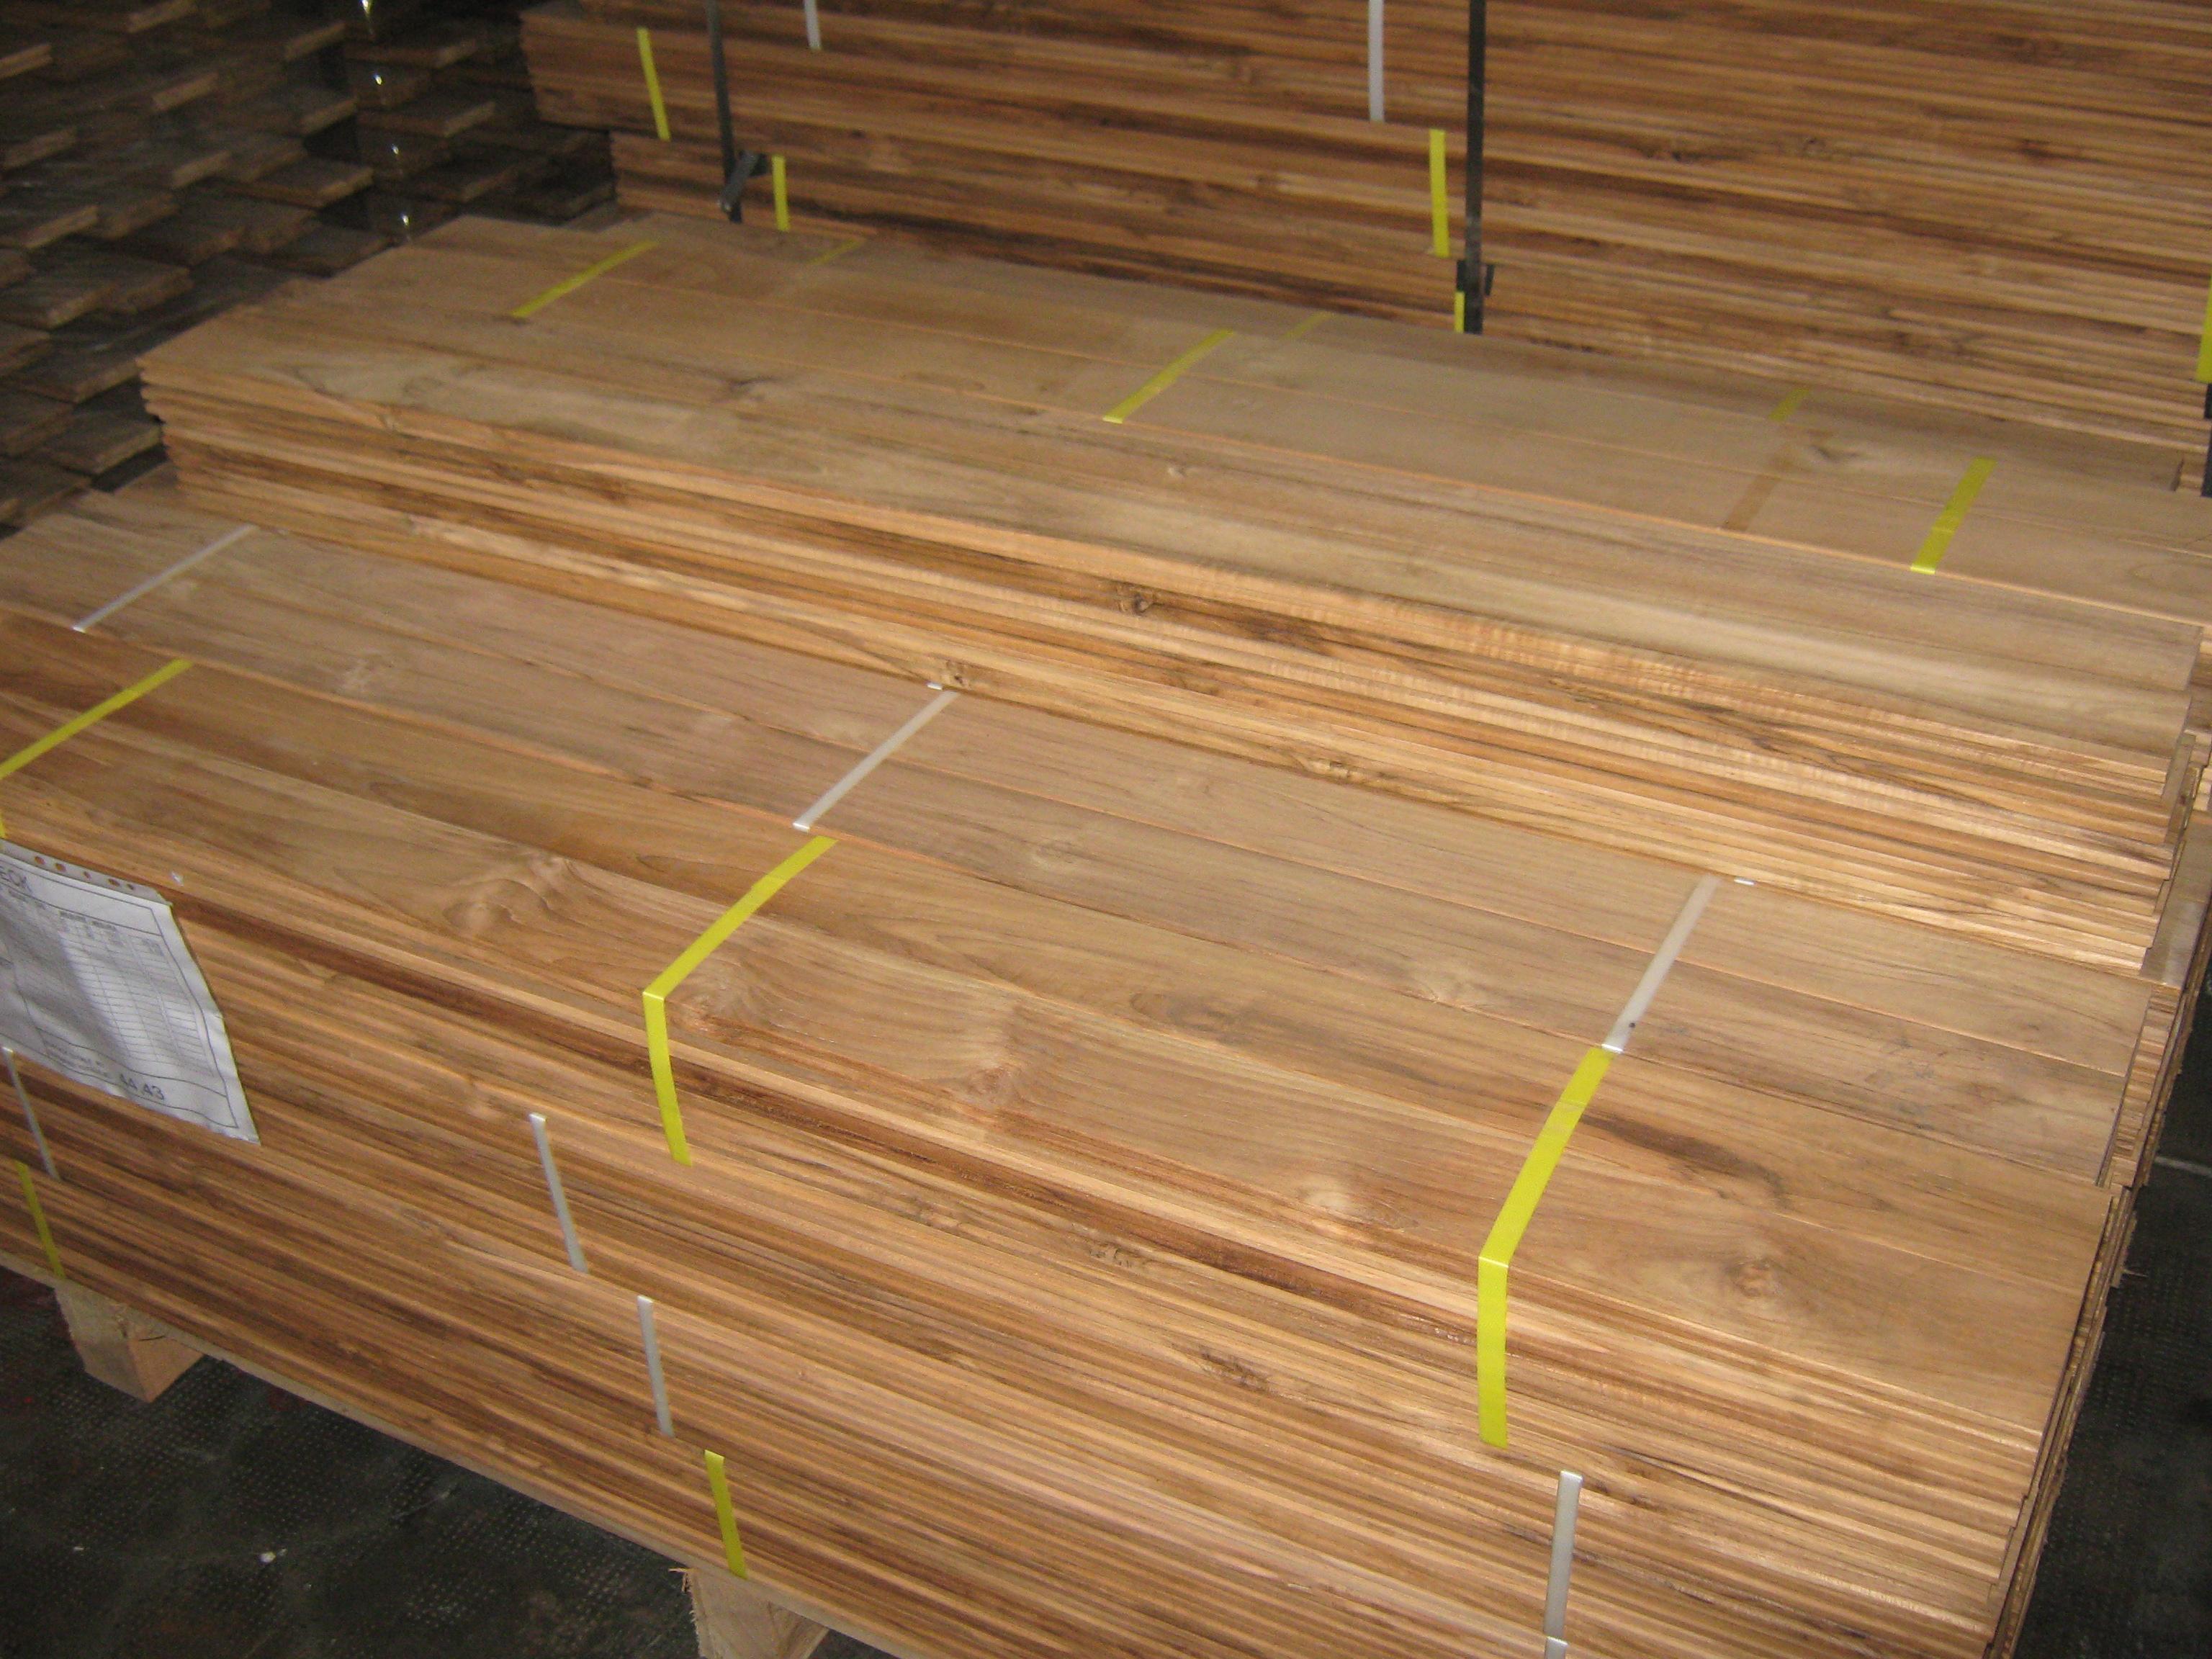 Teck lames de terrasse caillebotis bois exterieur for Lame bois exterieur